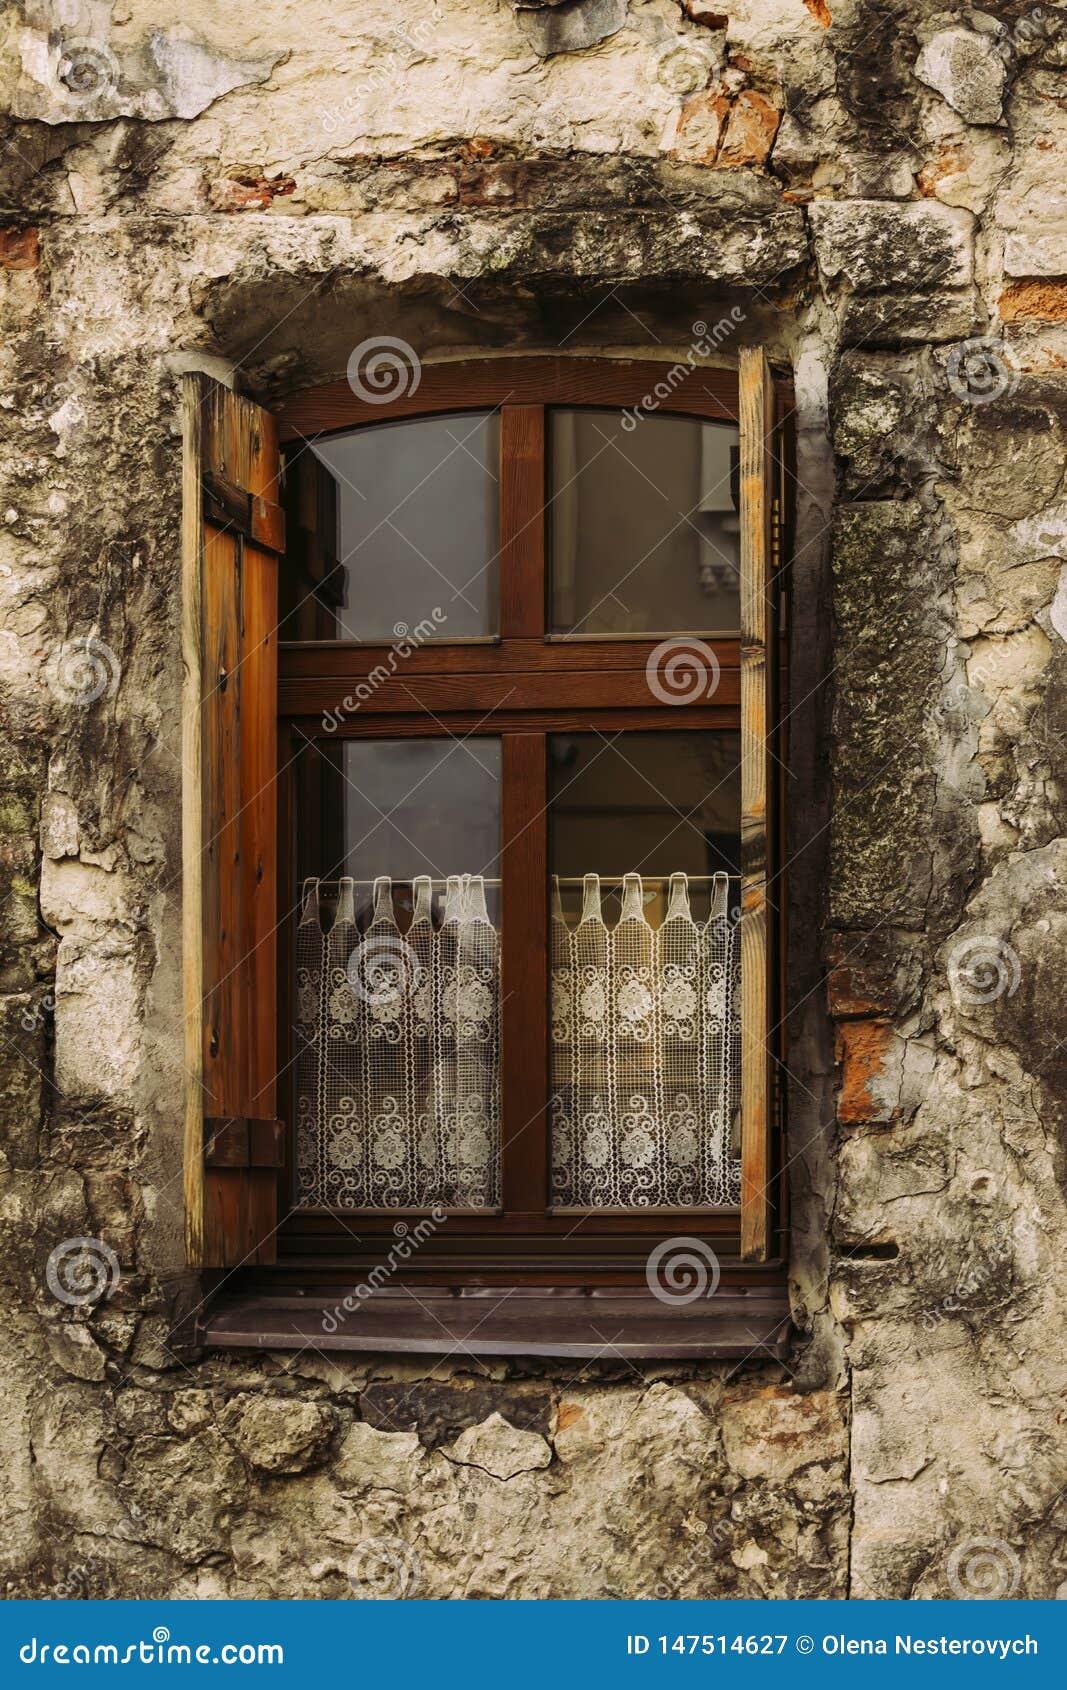 Een oud venster met open blinden in een oud huis